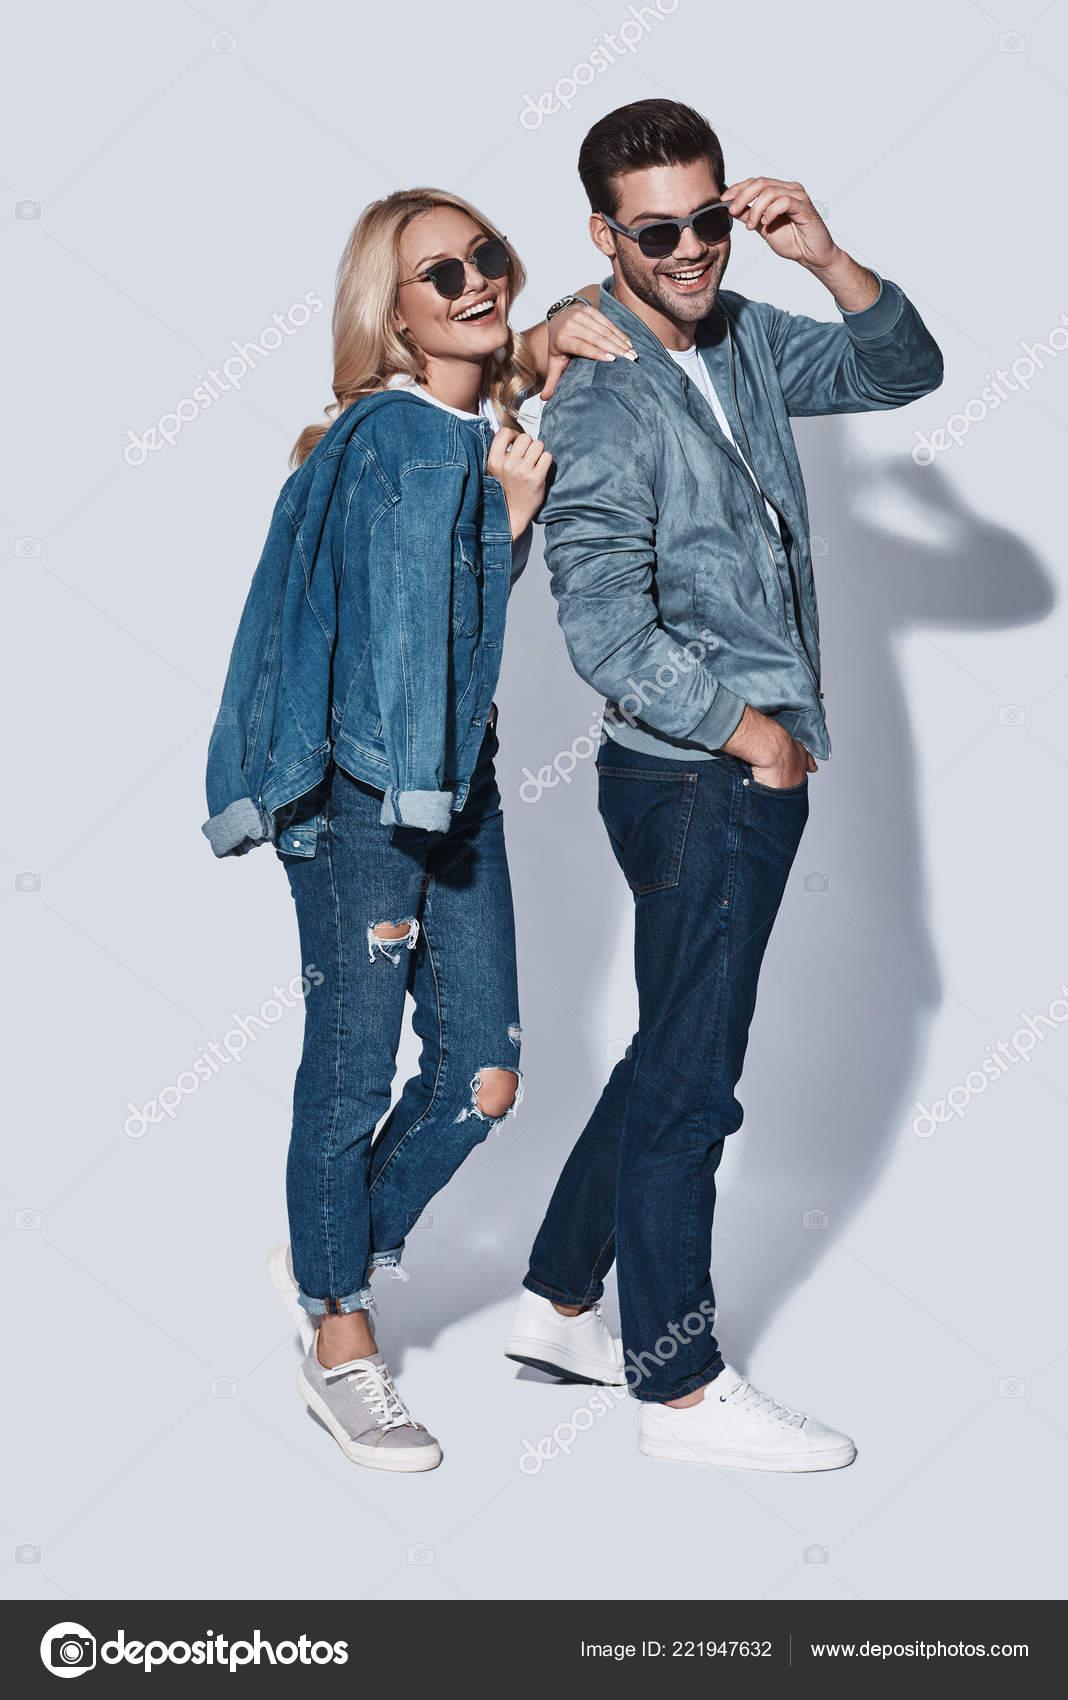 f4fc28b152097 Moda Homem Mulher Jeans Desgaste Posando Estúdio Usando Óculos Sol —  Fotografia de Stock